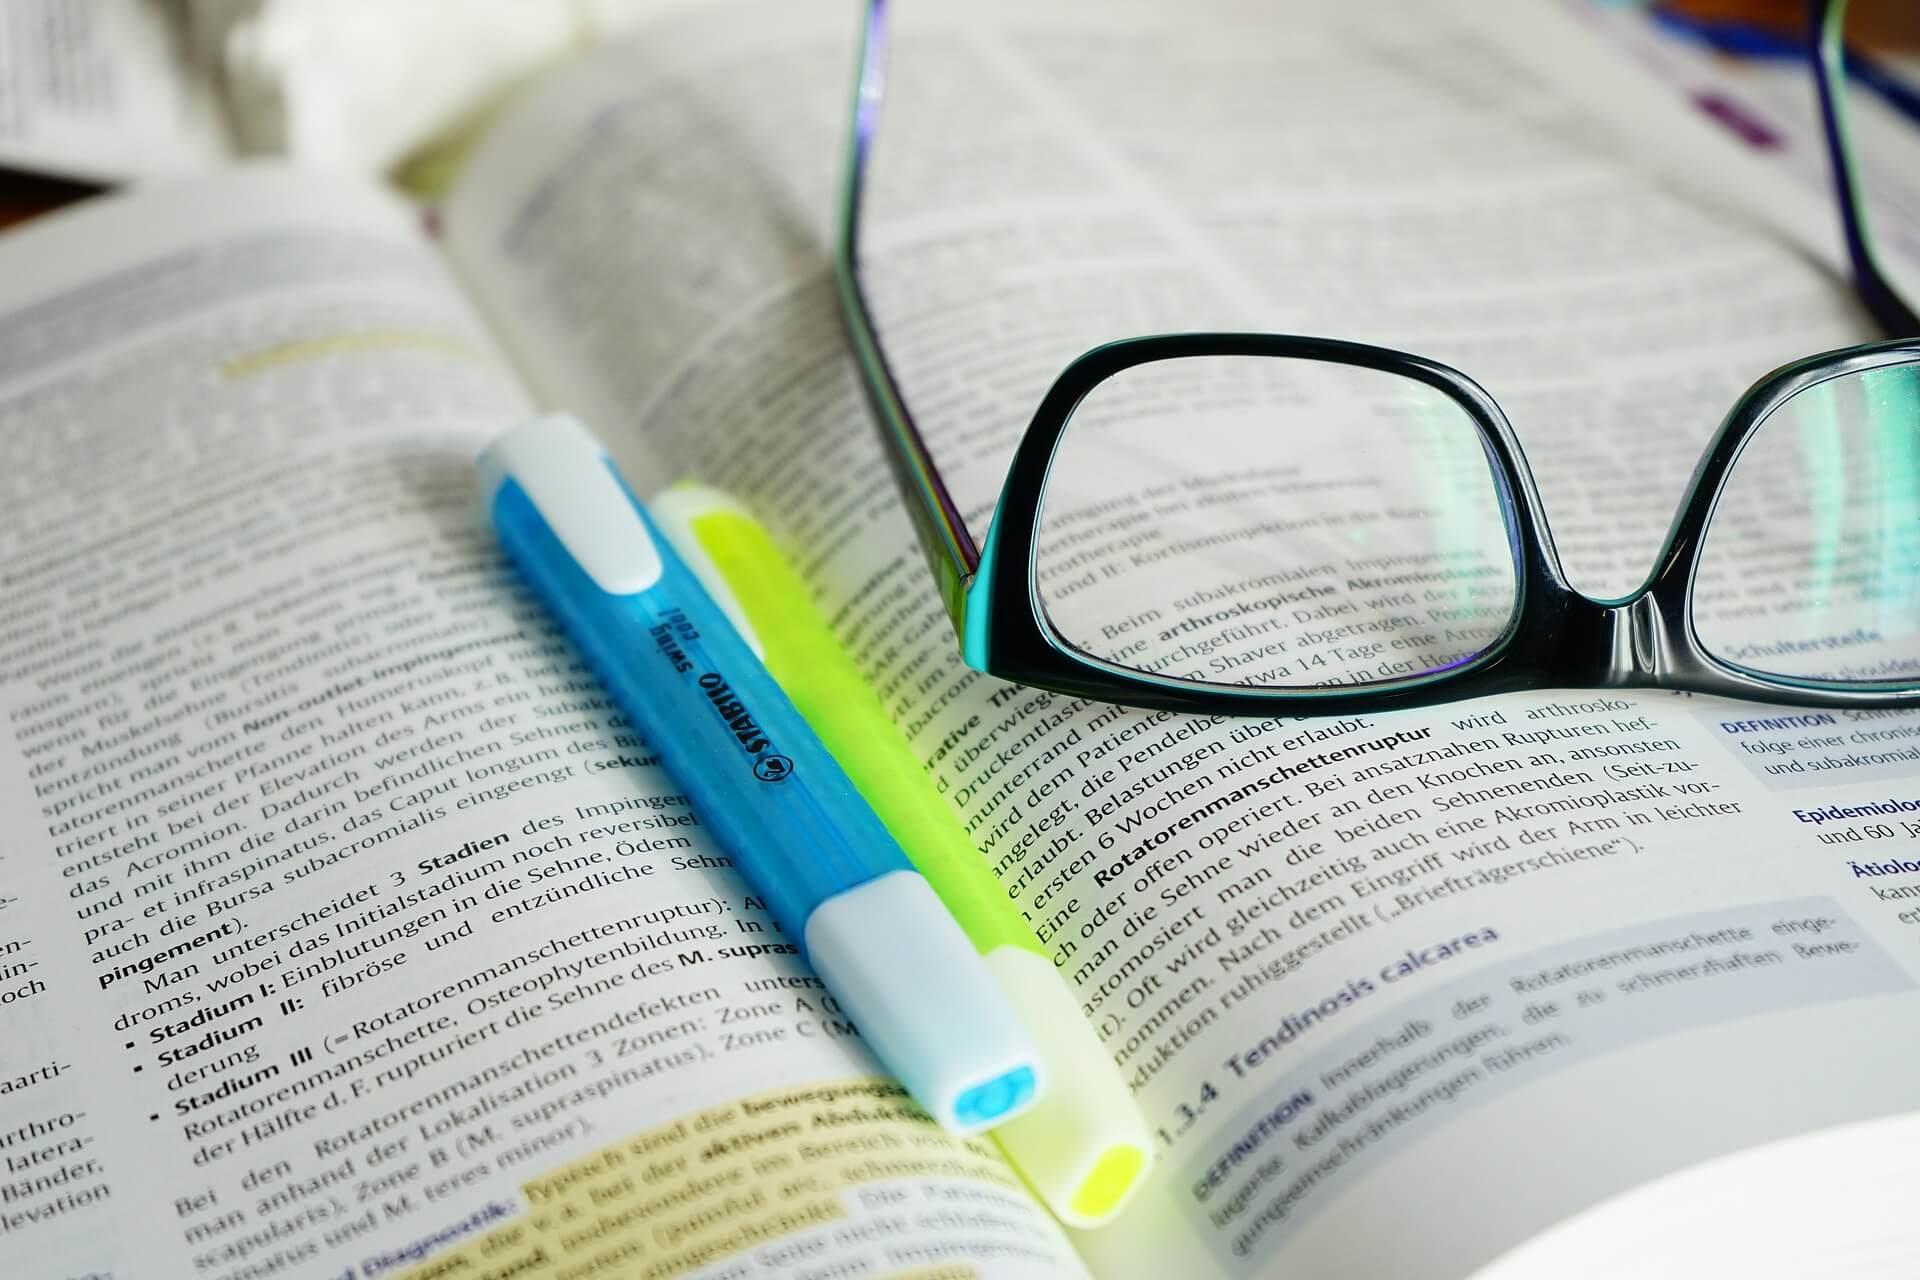 Bildung als Basis für Erfolg in Beruf und Privat (c) Hans / pixabay.de